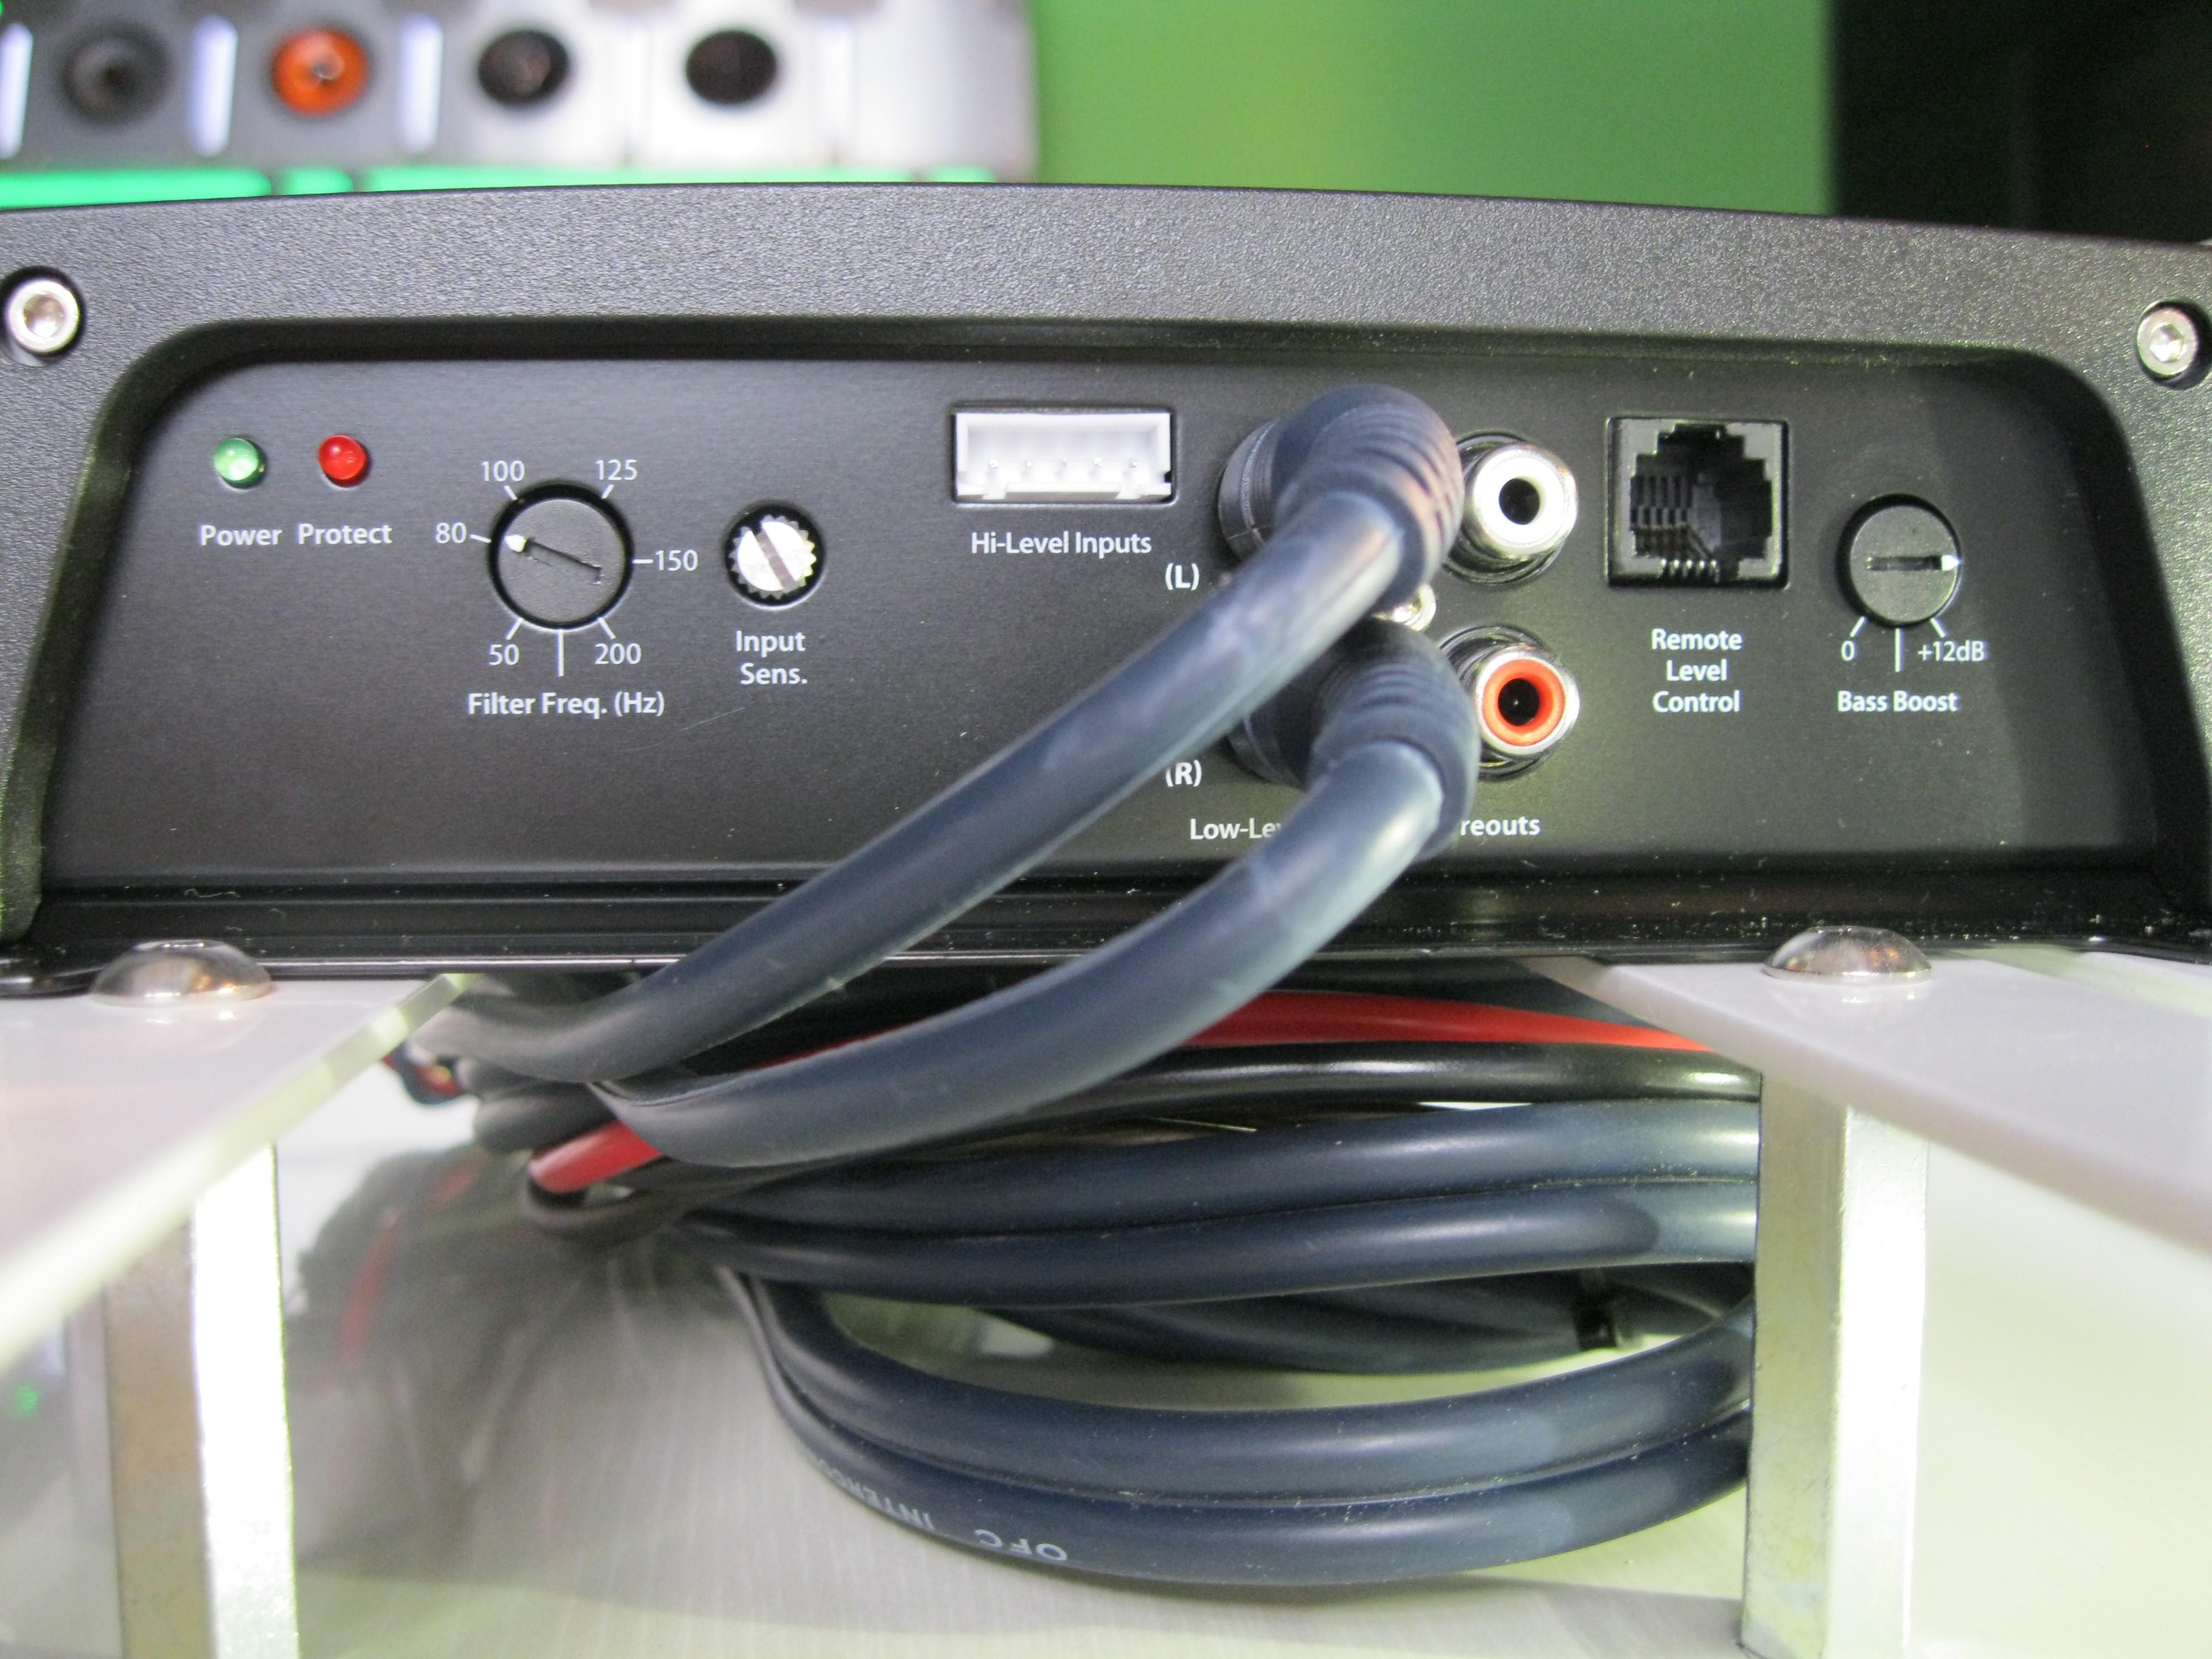 Old Alpine Car Amp Wiring Diagram on alpine cde 102 wire diagram, alpine amp capacitor, alpine amp parts, car sub amp wire diagram, bridging 4 channel amp diagram, alpine sub diagram, alpine harness diagram, alpine wiring harness color code, alpine radio diagram, kenwood 600 amp diagram, alpine audio diagrams, alpine iva w205 wiring-diagram, alpine iva d310 wiring-diagram, alpine mrv-t302 wiring manual, alpine amp plug, alpine sub wiring,